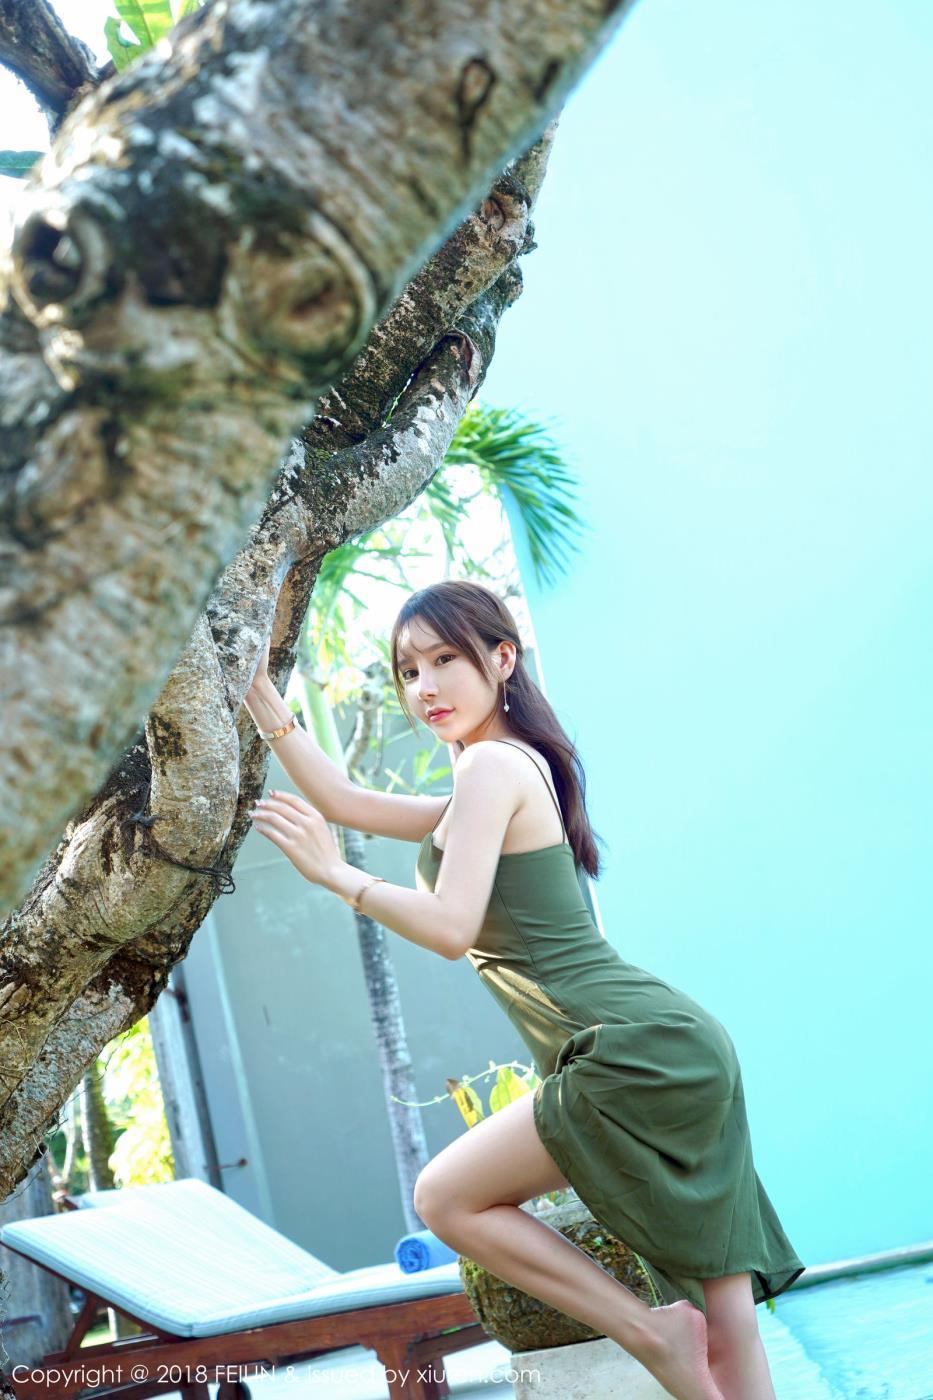 嗲囡囡性感美女周于希dummy沙滩极品御姐写真图片